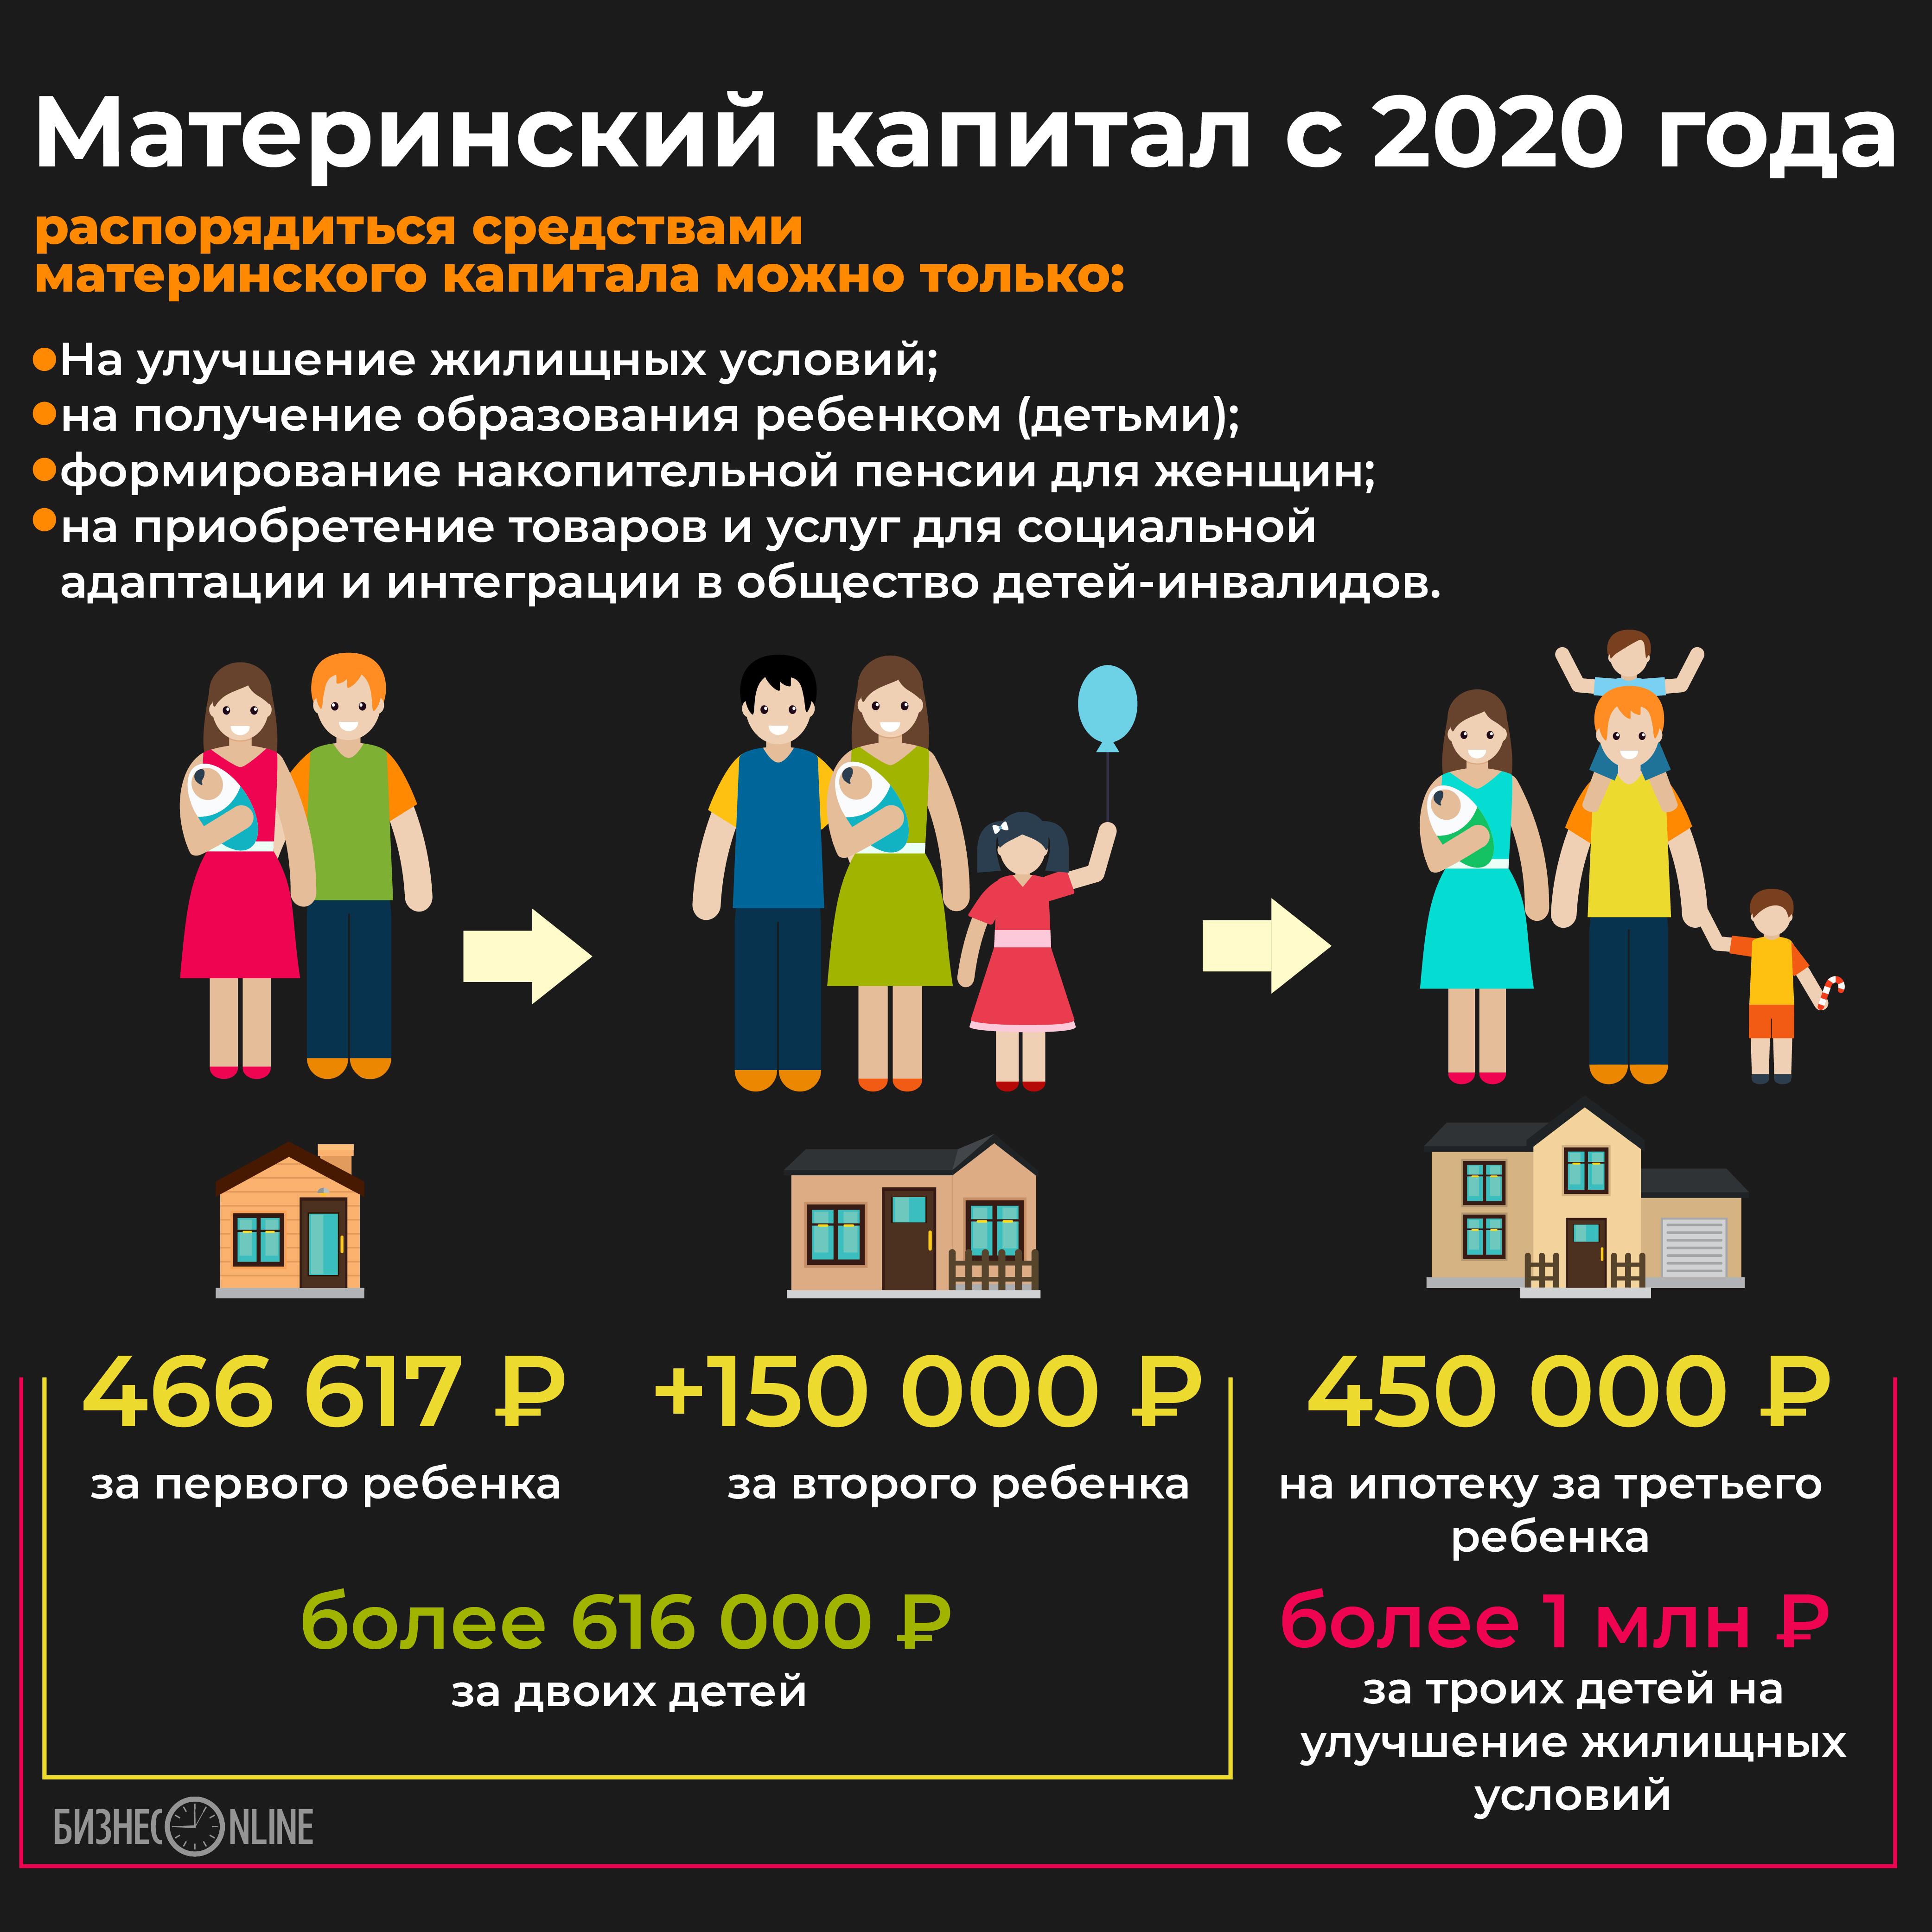 На что можно использовать материнский капитал в 2020 году